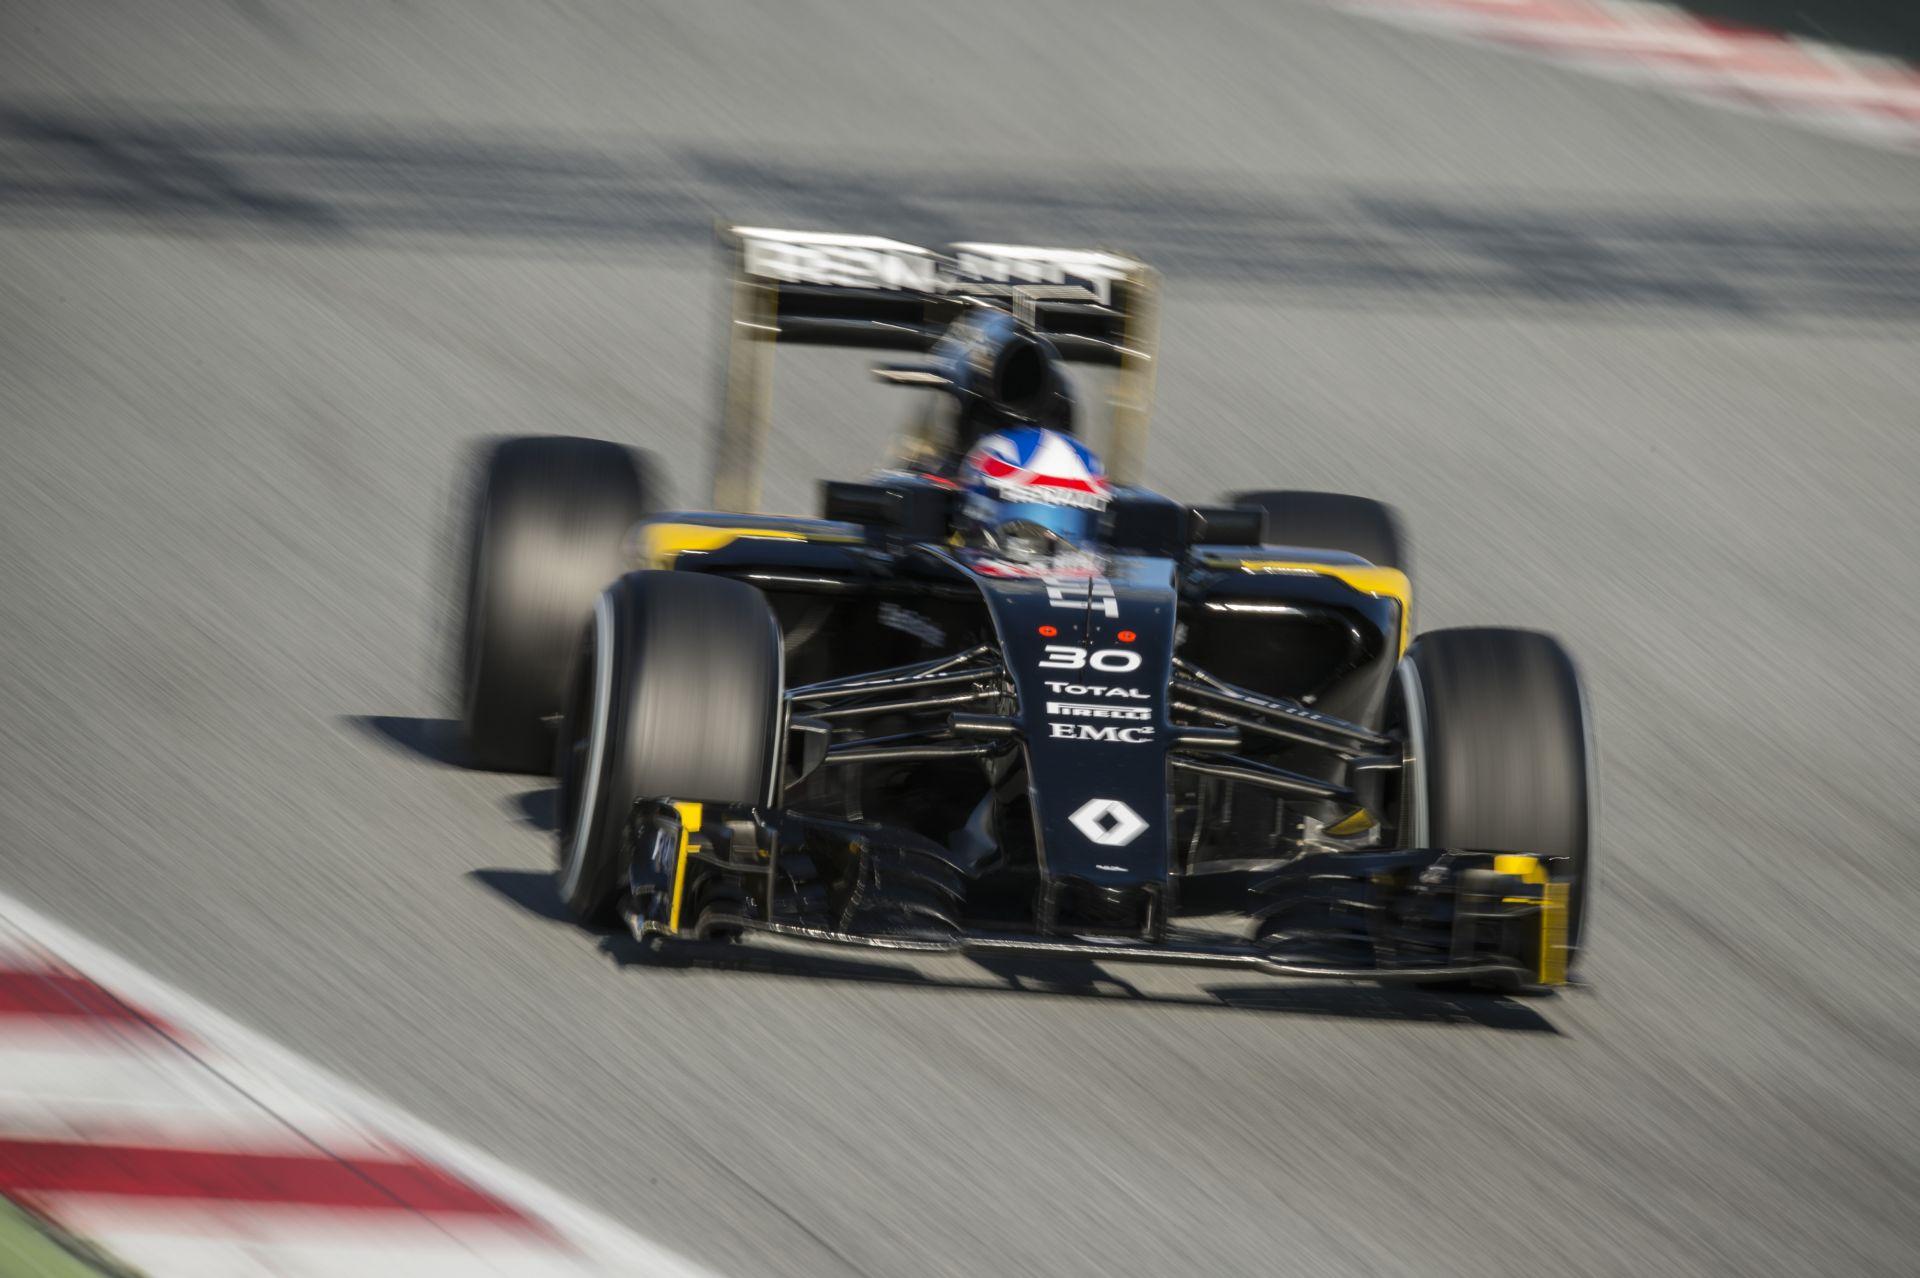 Renault: Szép dzsekik, szép autó, ígéretes teljesítmény - azért még ne ájuljunk el magunktól!